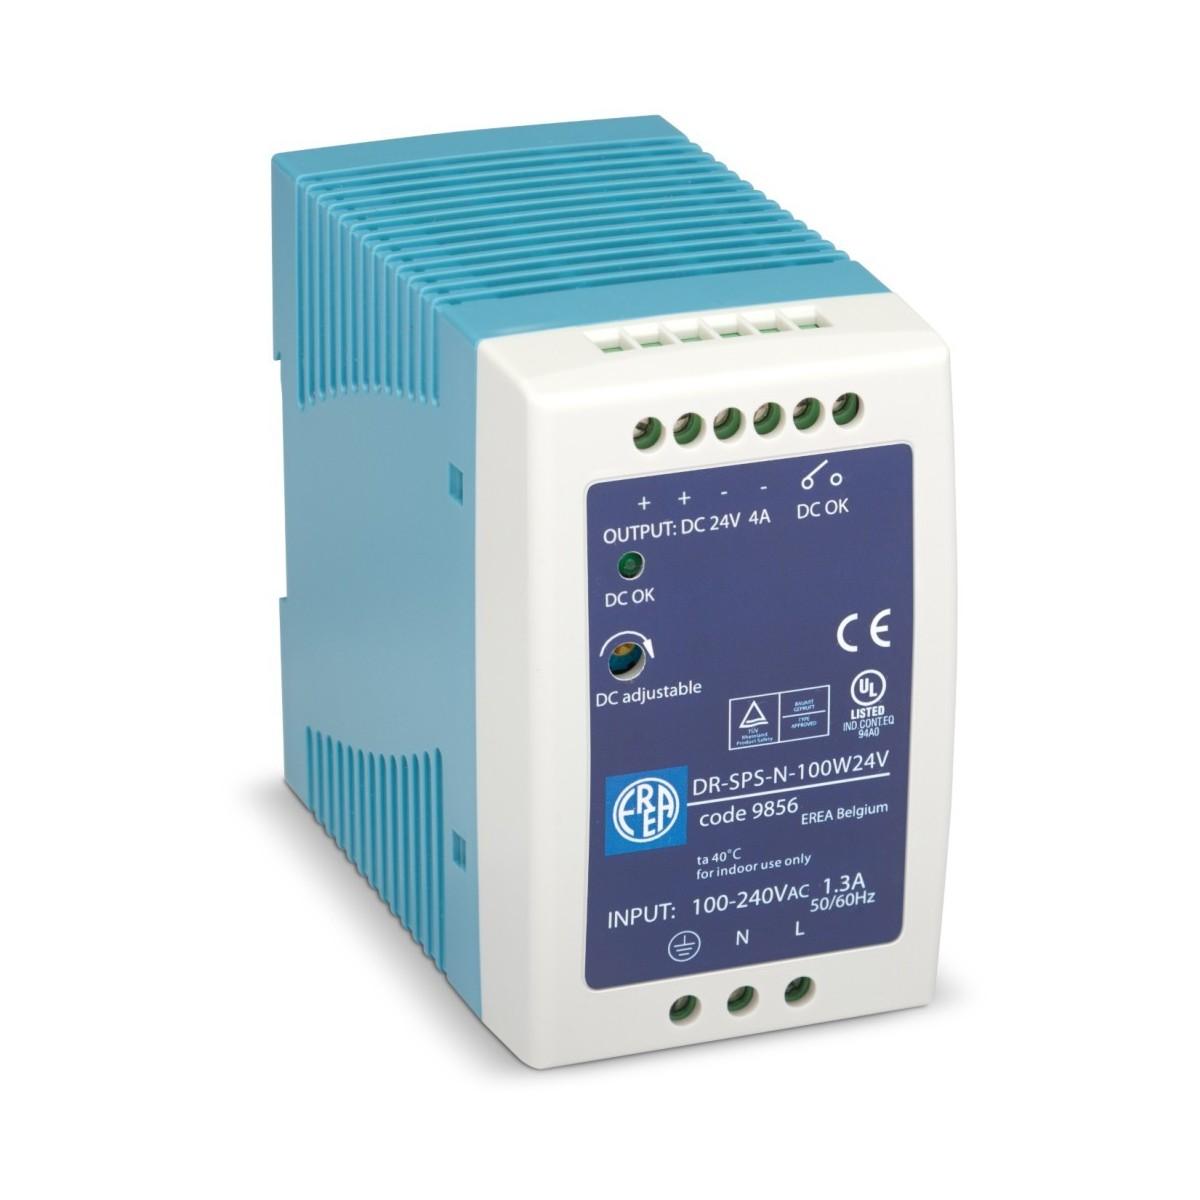 DR-SPS-N-100W24V